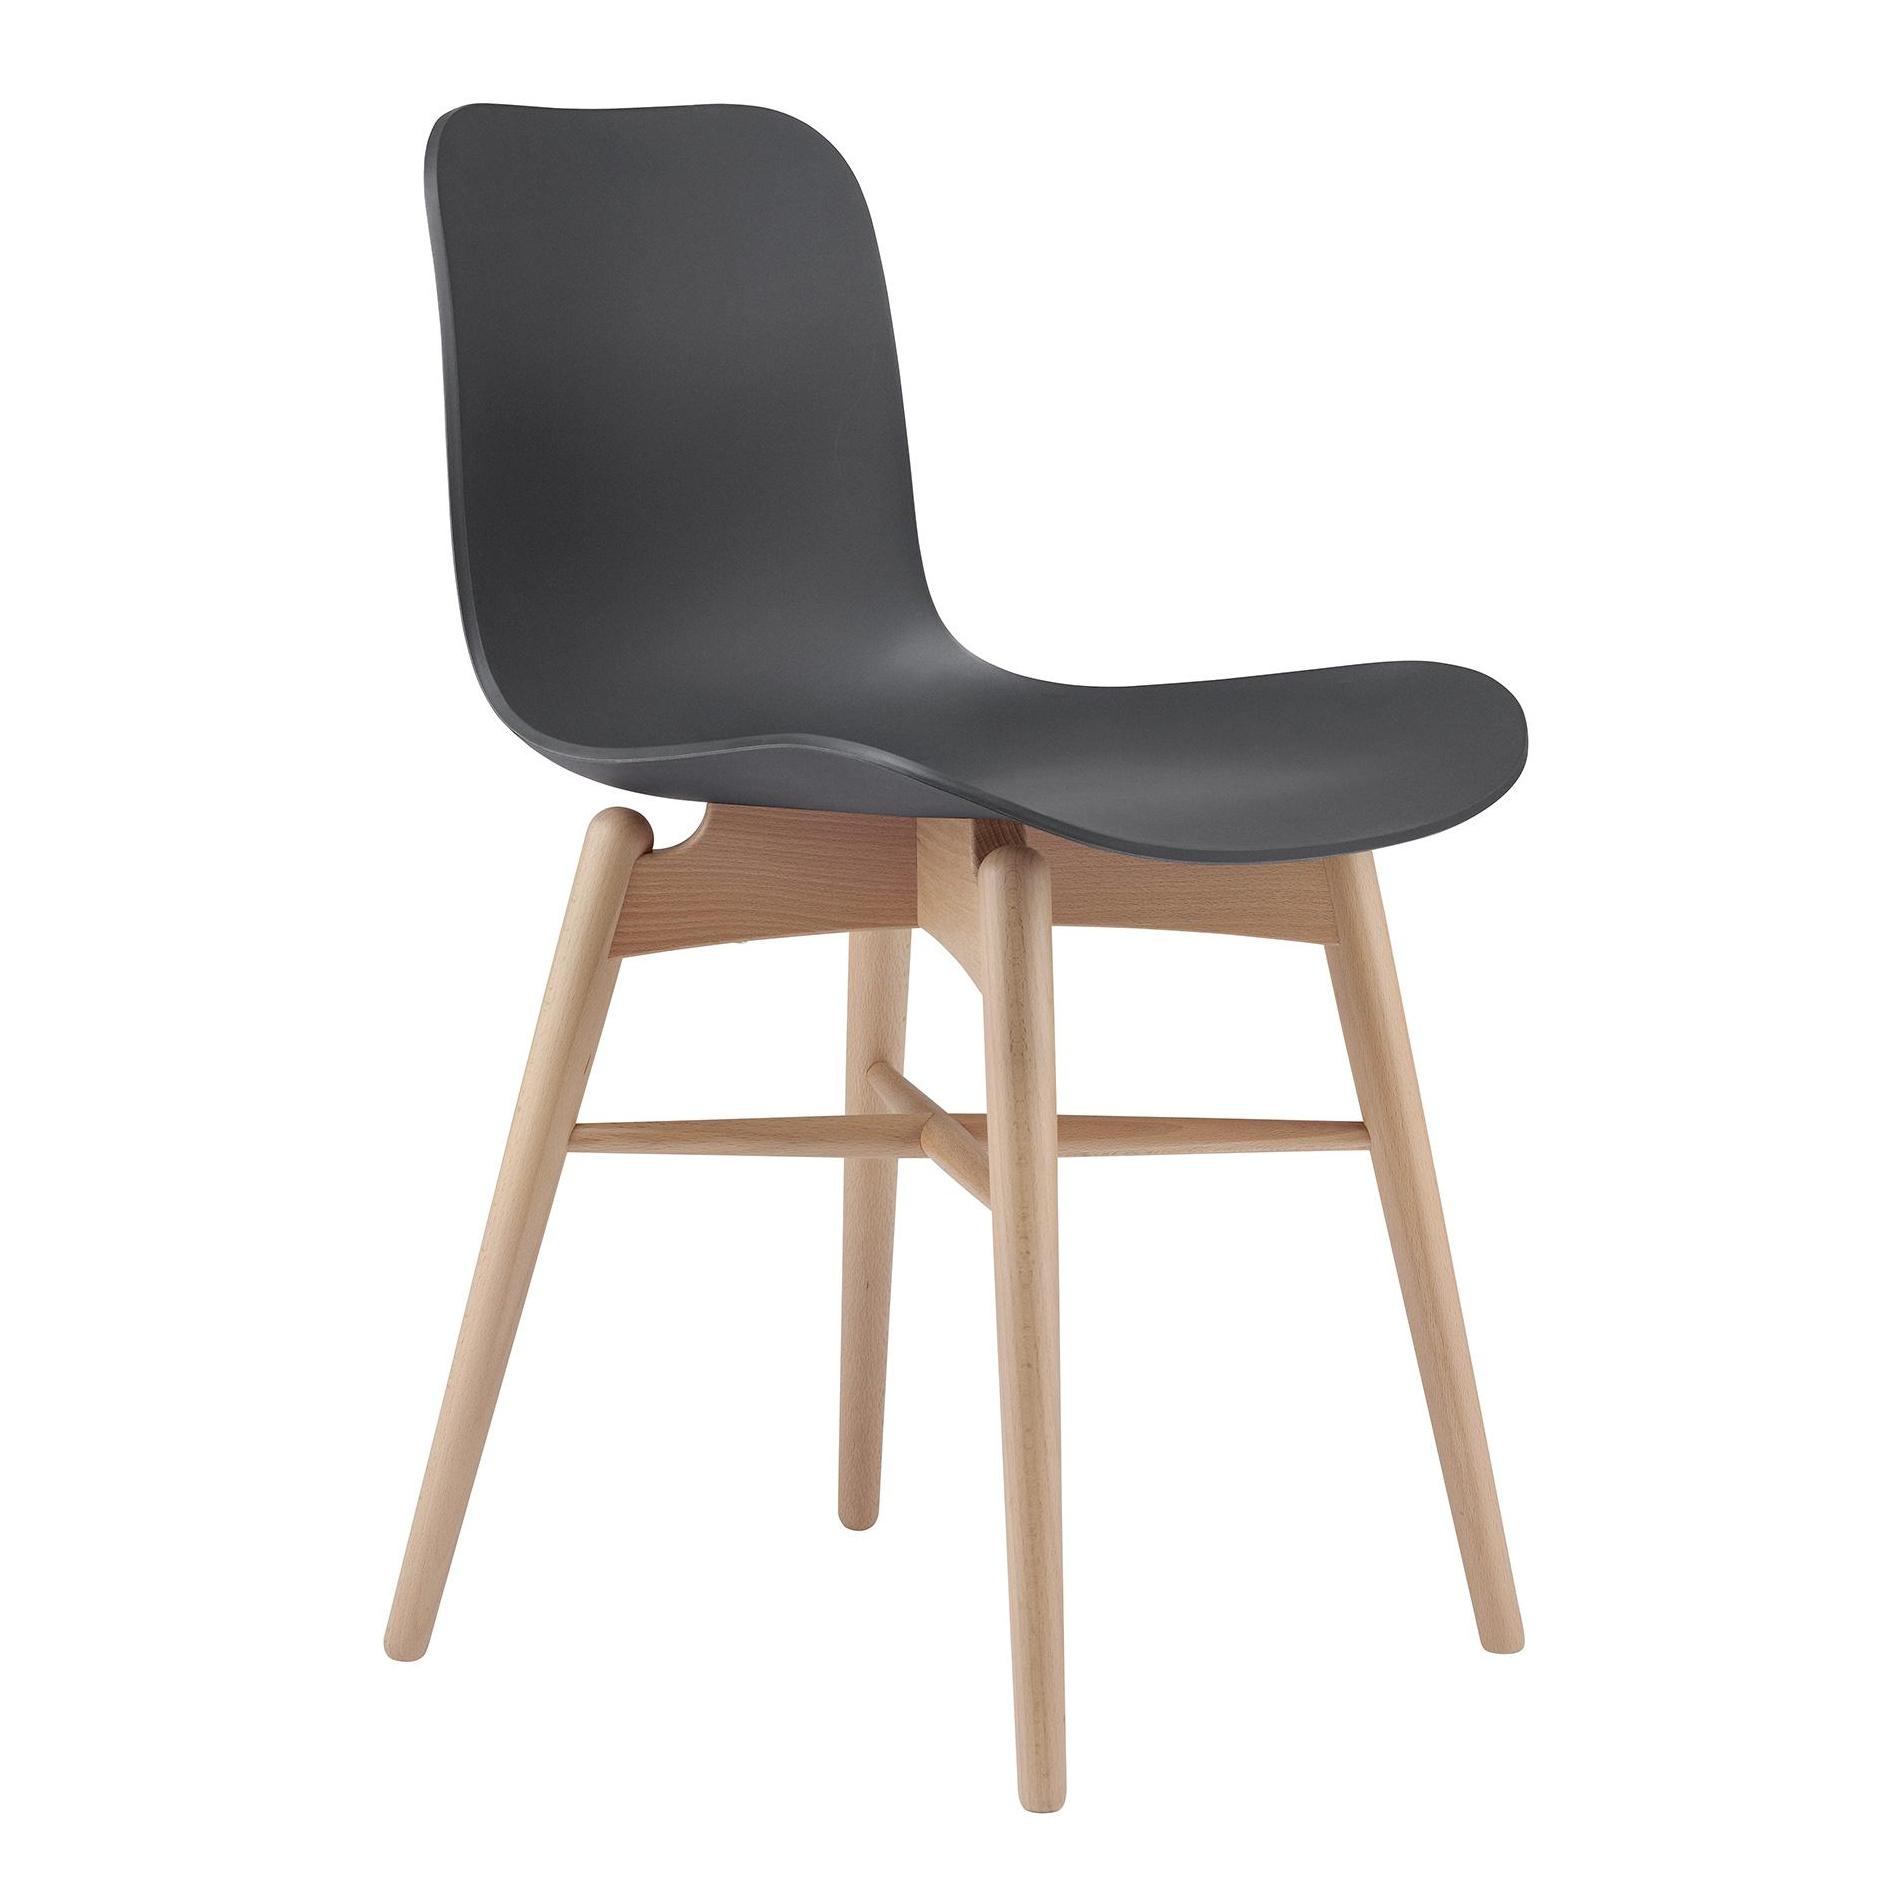 NORR 11 Langue Original Stuhl Gestell Buche Natur anthrazit schwarzSitzschale PolypropylenGestell Buche naturBxHxT 50x78x51cm